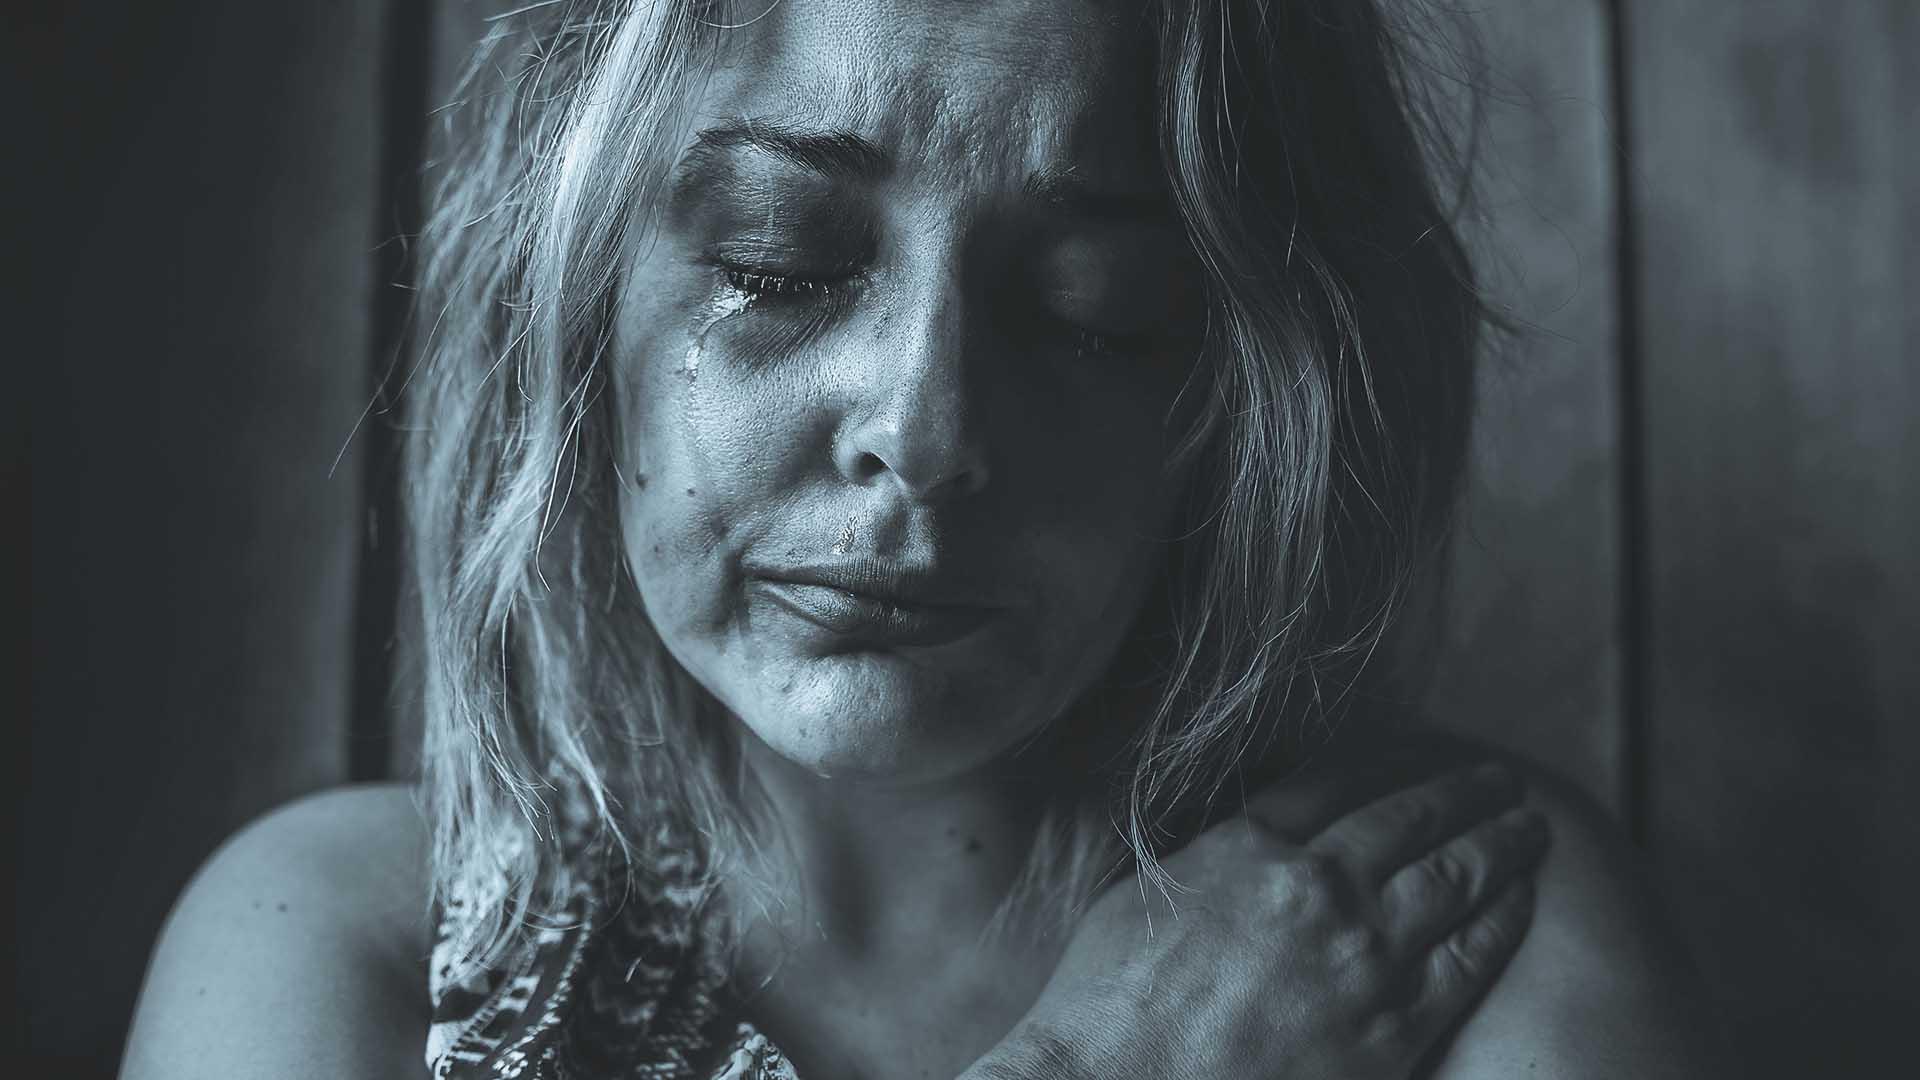 La violenza sulle donne continua a essere un problema